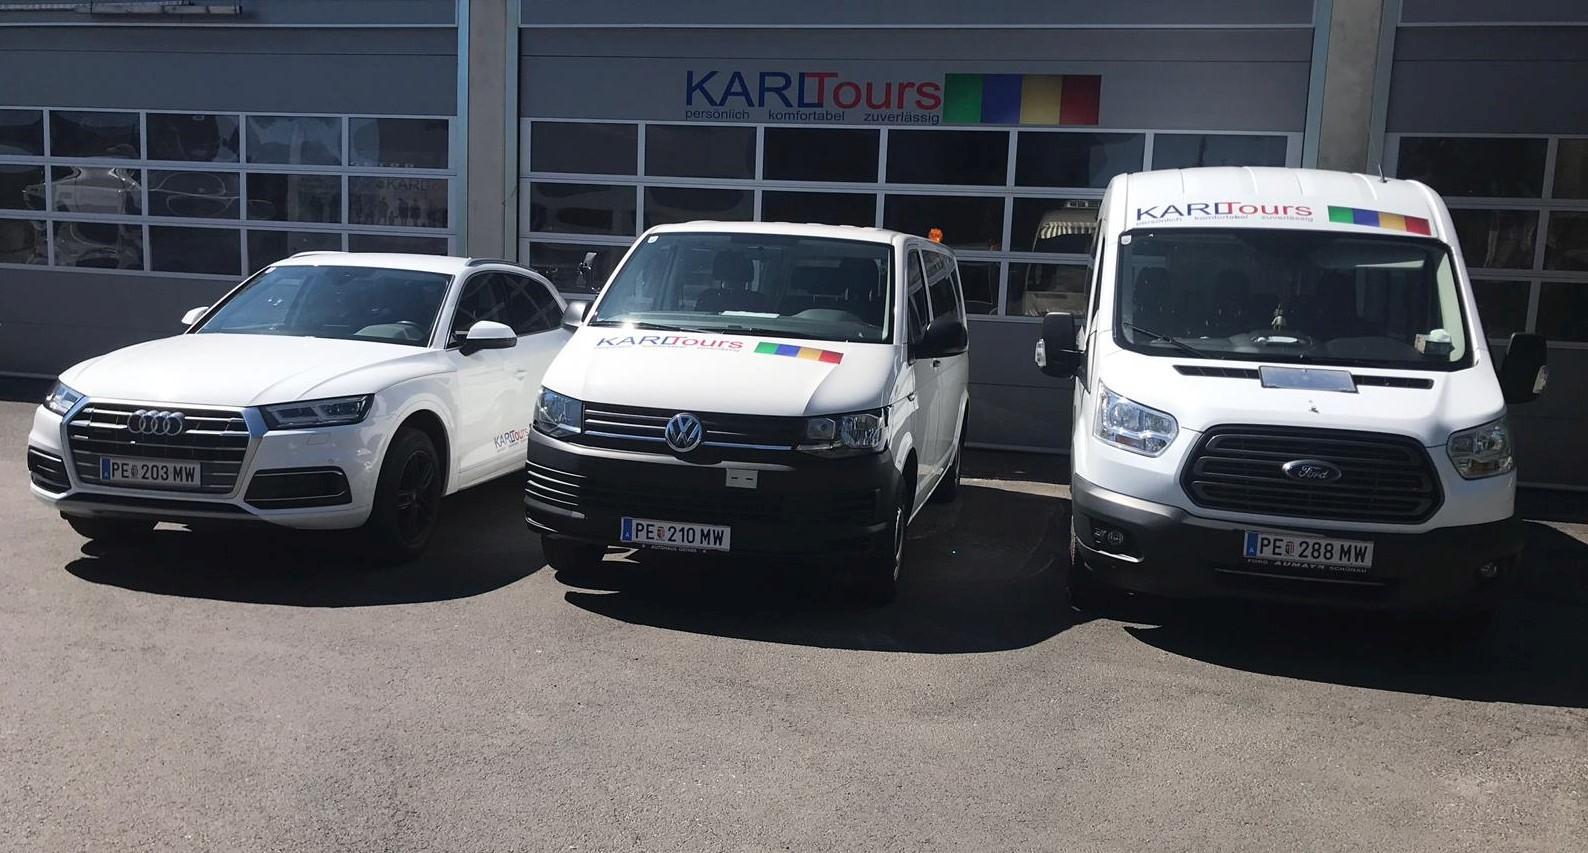 Karl Tours